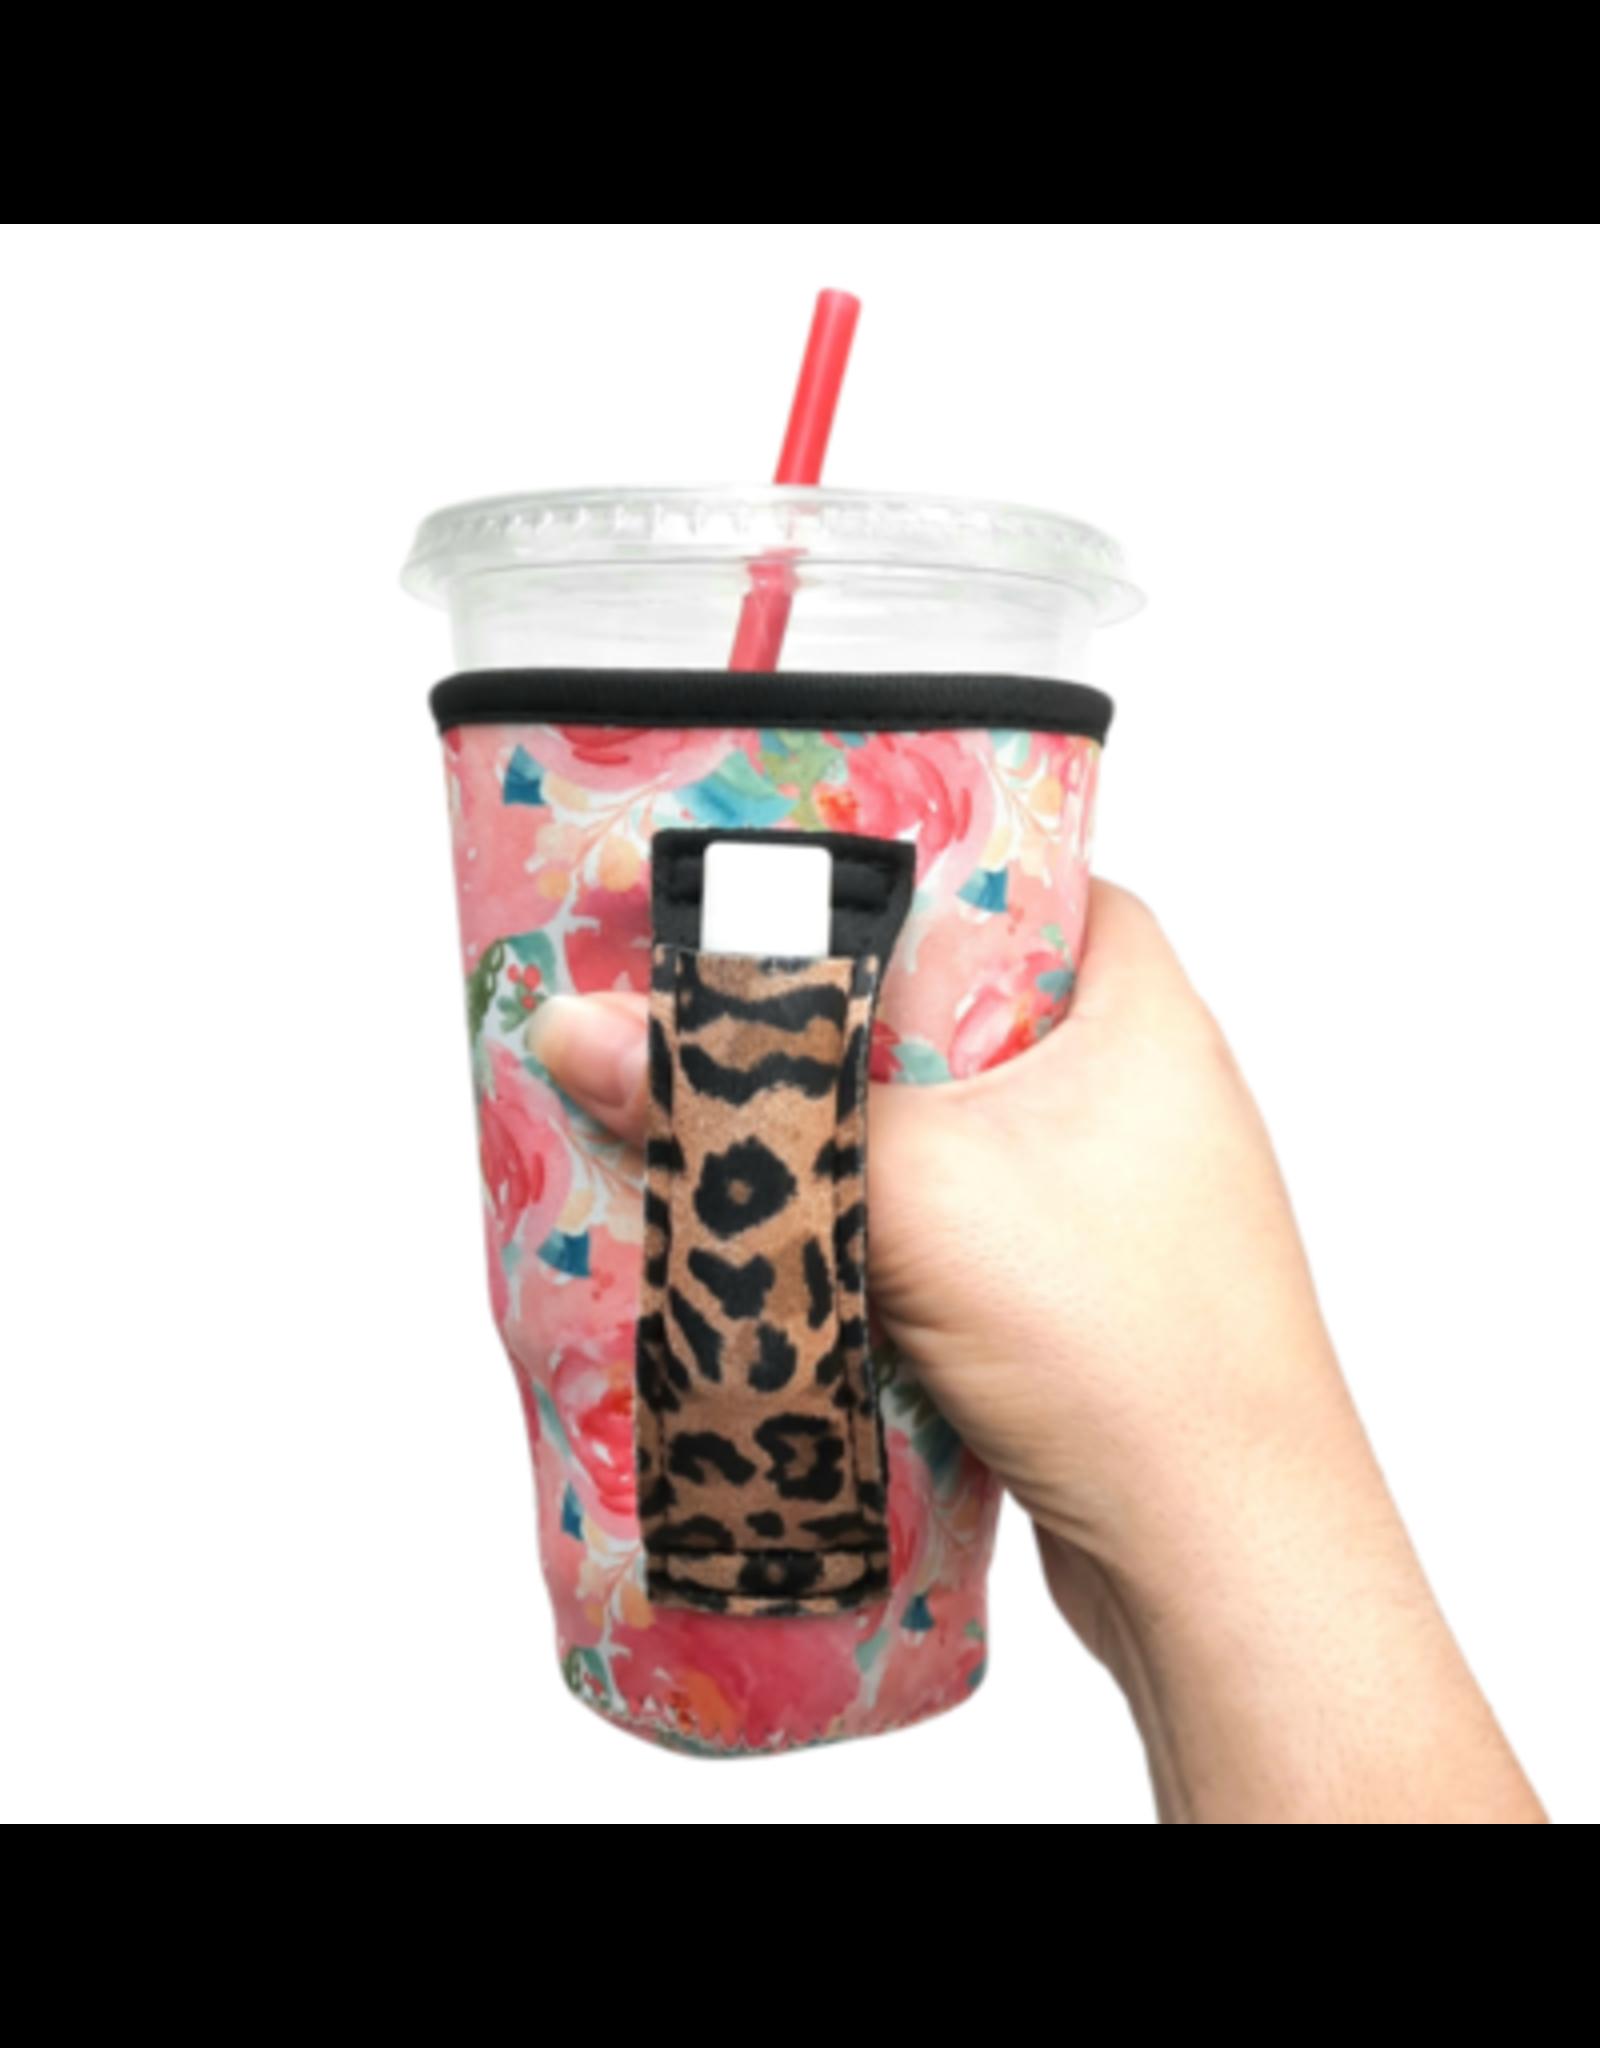 20-27 oz can pocket holder Summer bloom w/leopard